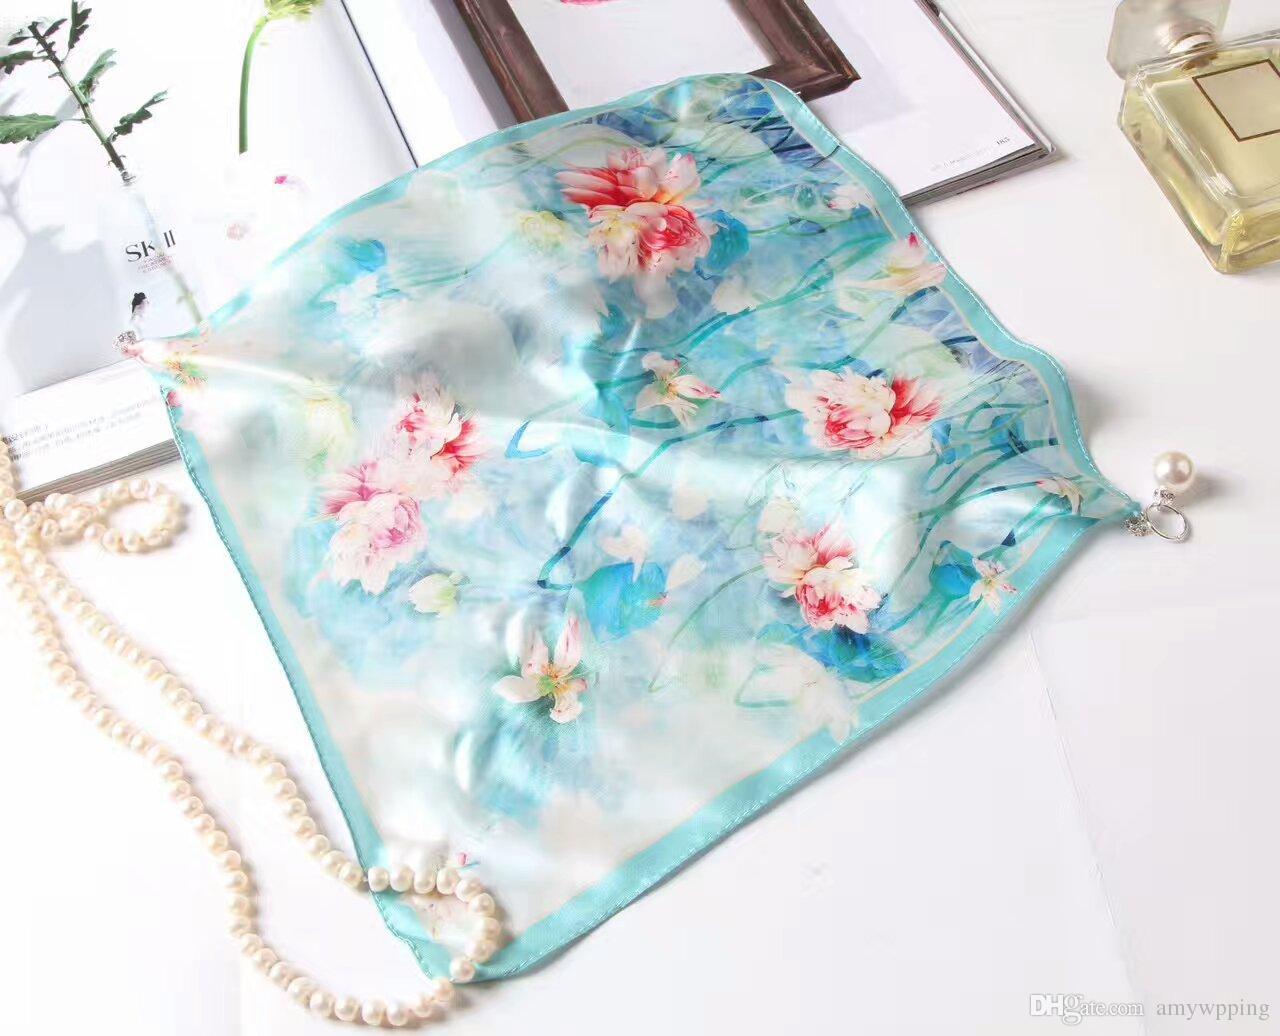 Inci boyun bandı 2 renk ile 100% gerçek saf ipek kare eşarp kutu baskı tarzı ile mavi çiçek baskı ile